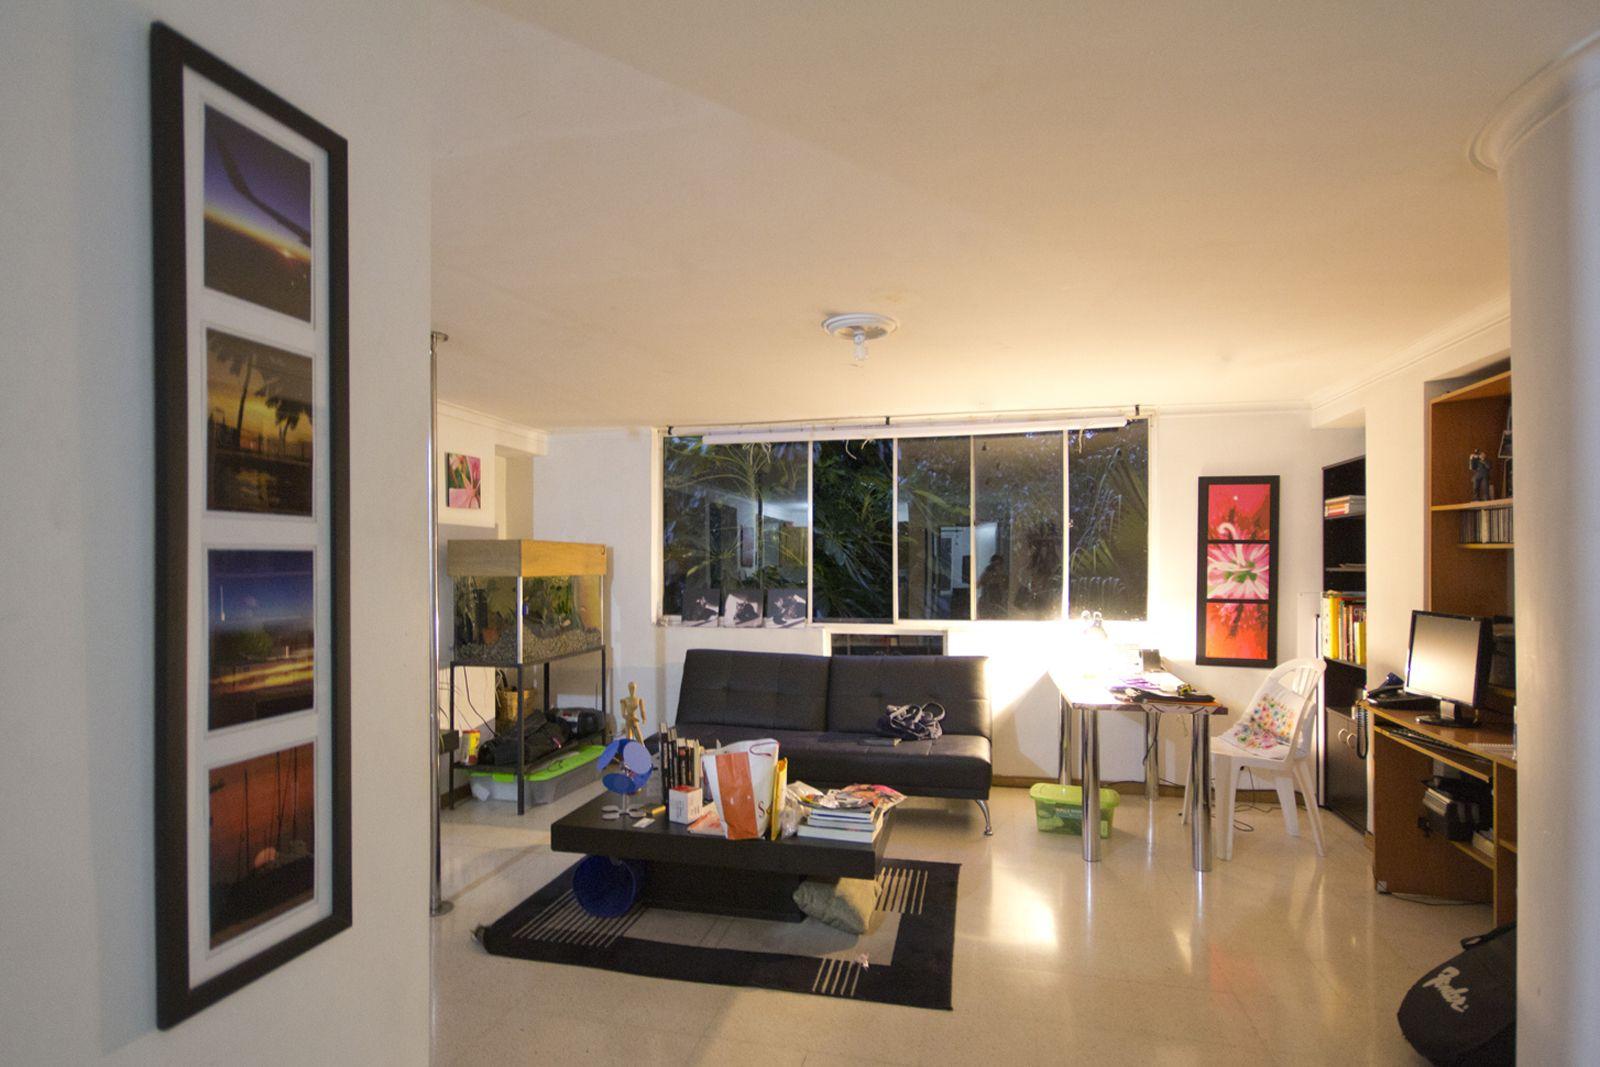 Estoy en el proceso de remodelar mi casa quiero pintar - Quiero decorar mi casa ...